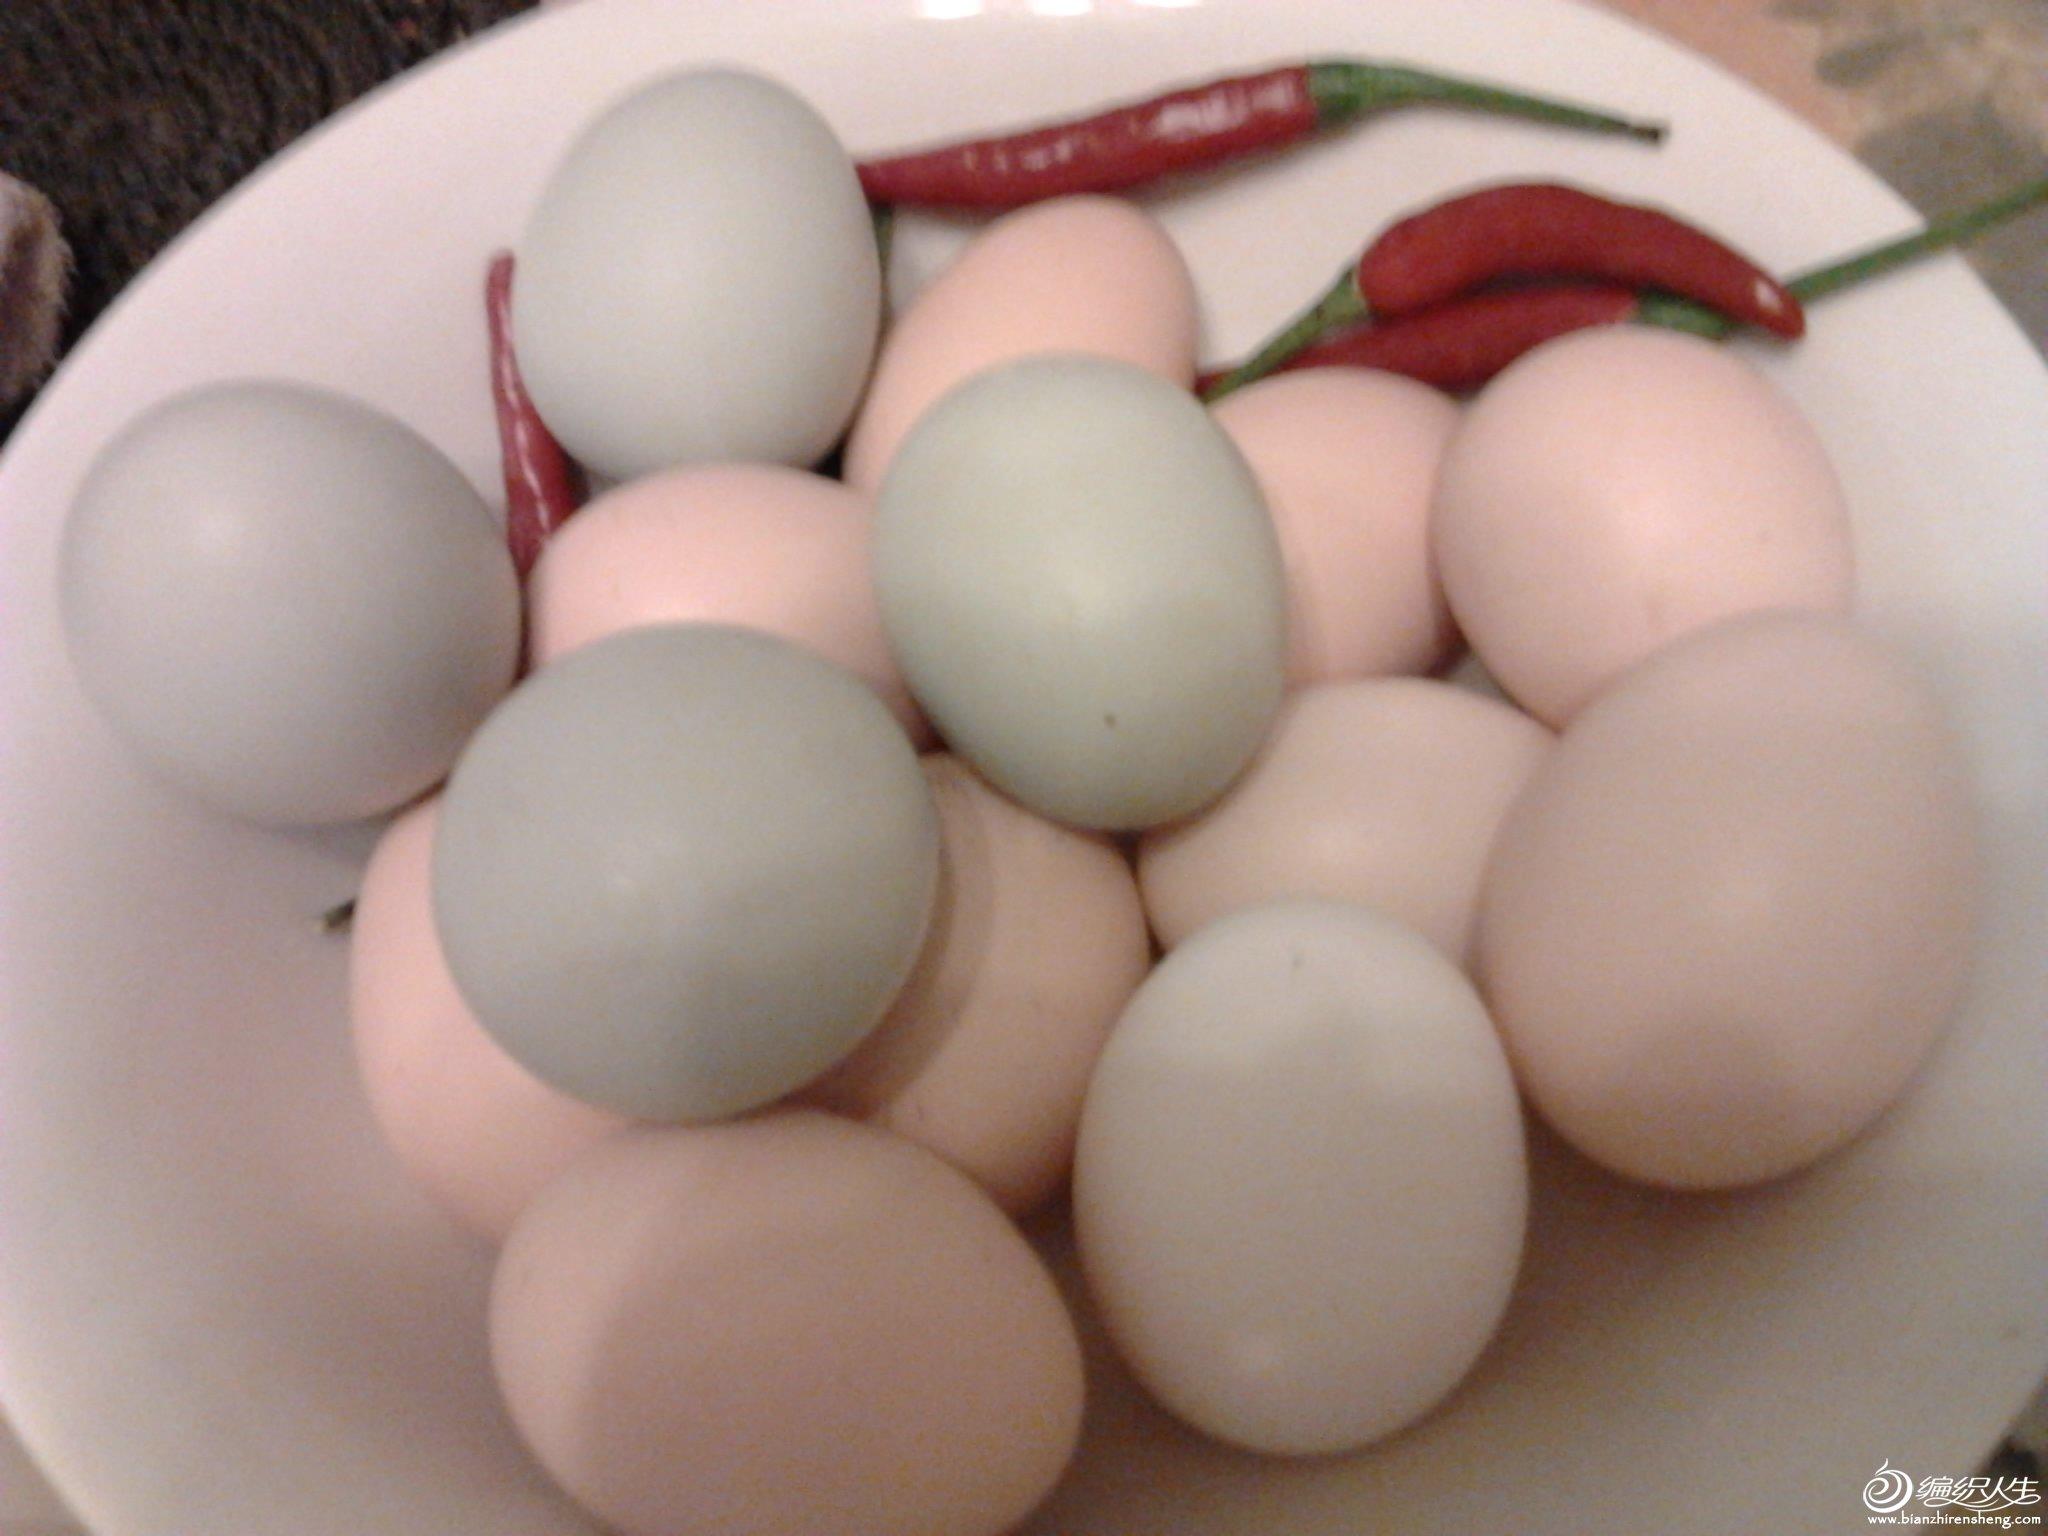 刚捡的鸡蛋.jpg